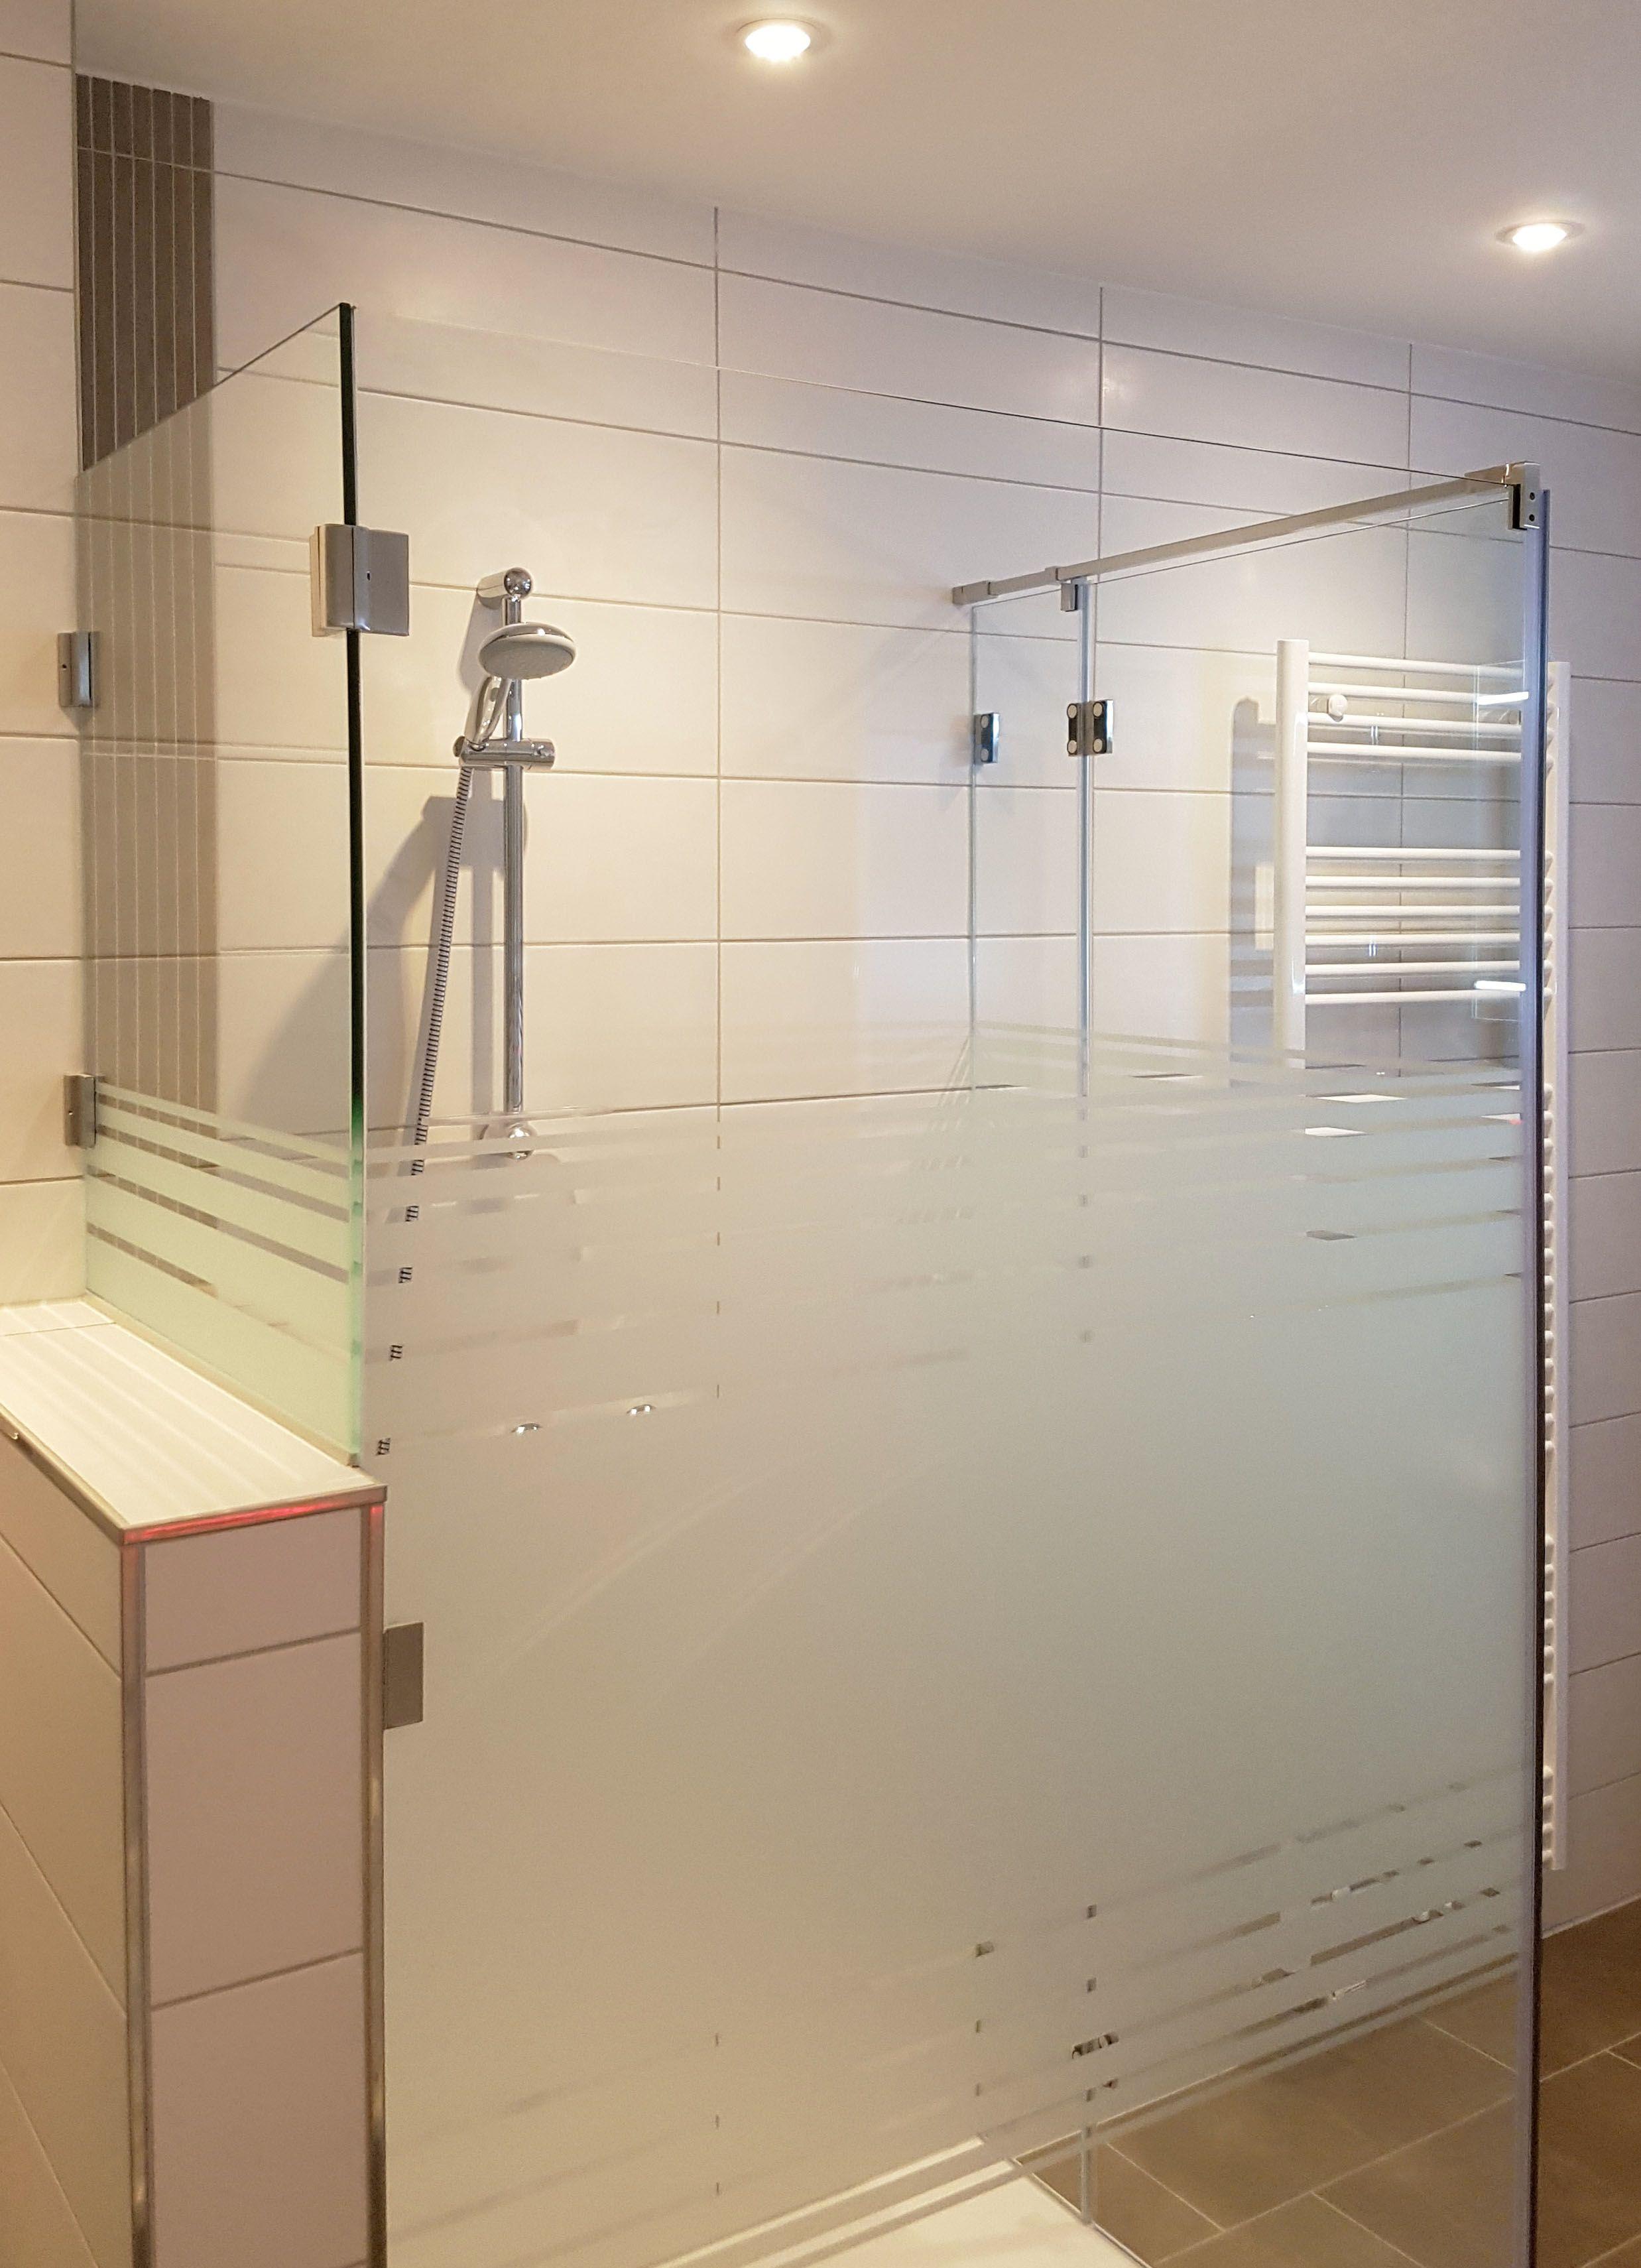 Dusche Aus Glas Mit Satiniertem Glasmuster Und Verkurztem Seitenteil Zum Aufsatz Auf Einem Mauervorsprung Glasduschen Dusche Duschabtrennung